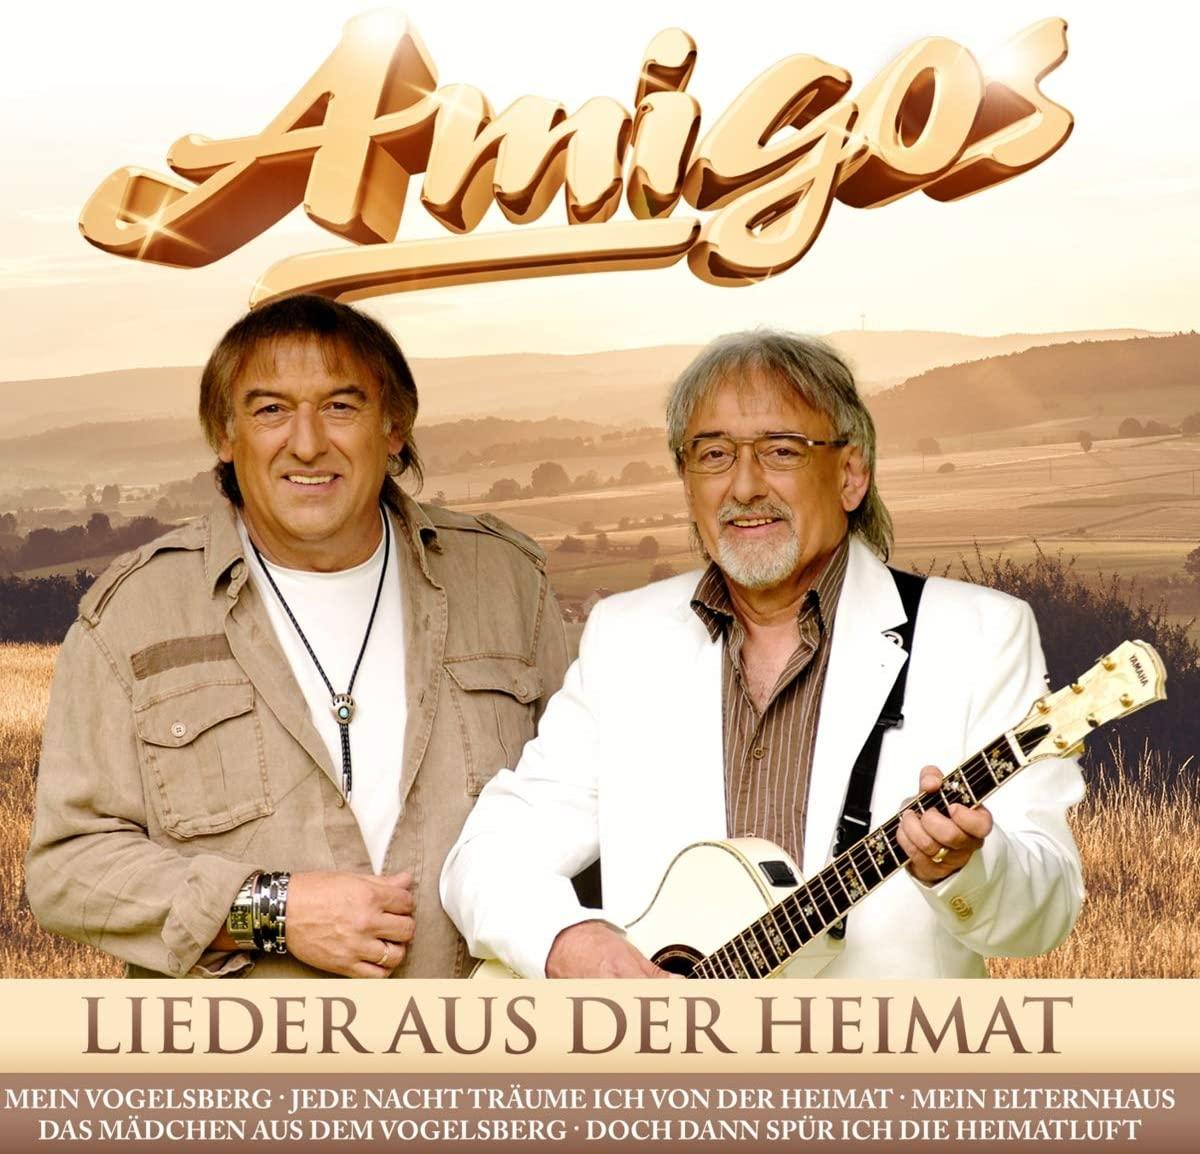 Amigos - Lieder aus der Heimat (2020) Front